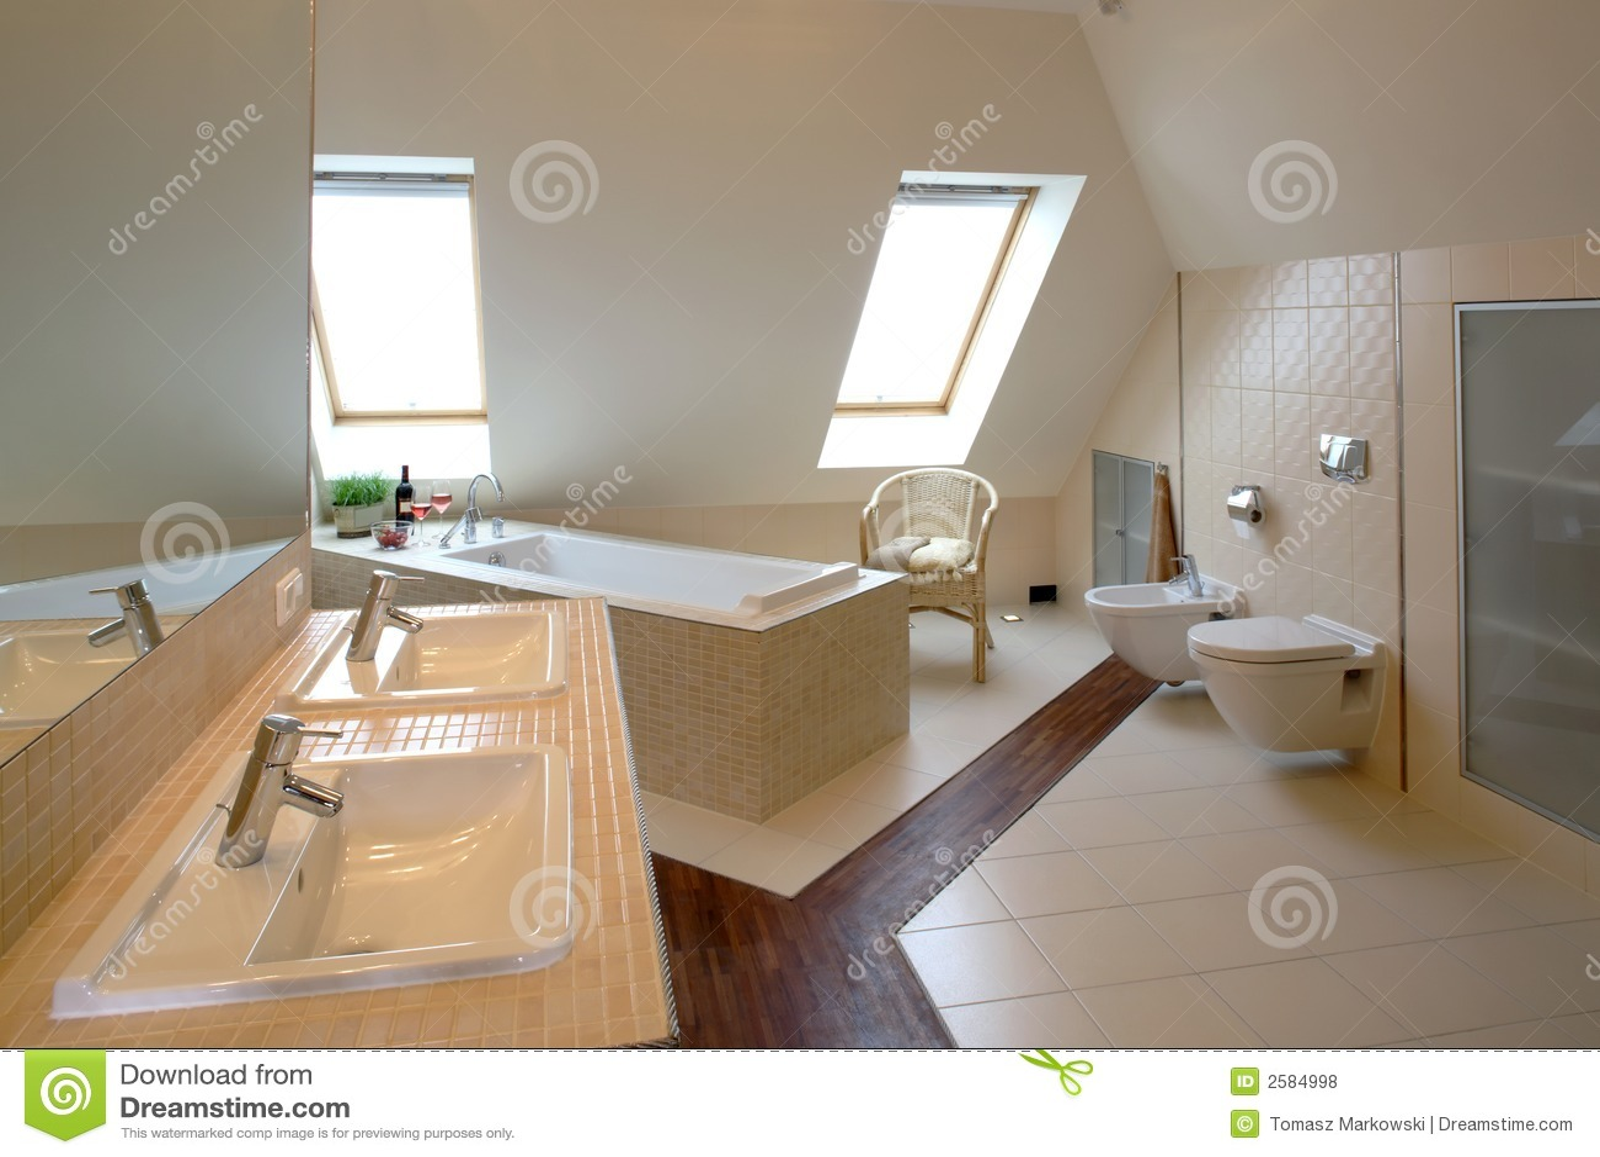 Banheiro Moderno Fotos de Stock Royalty Free Imagem: 2584998 #82A229 1300x957 Banheiro Bege Moderno